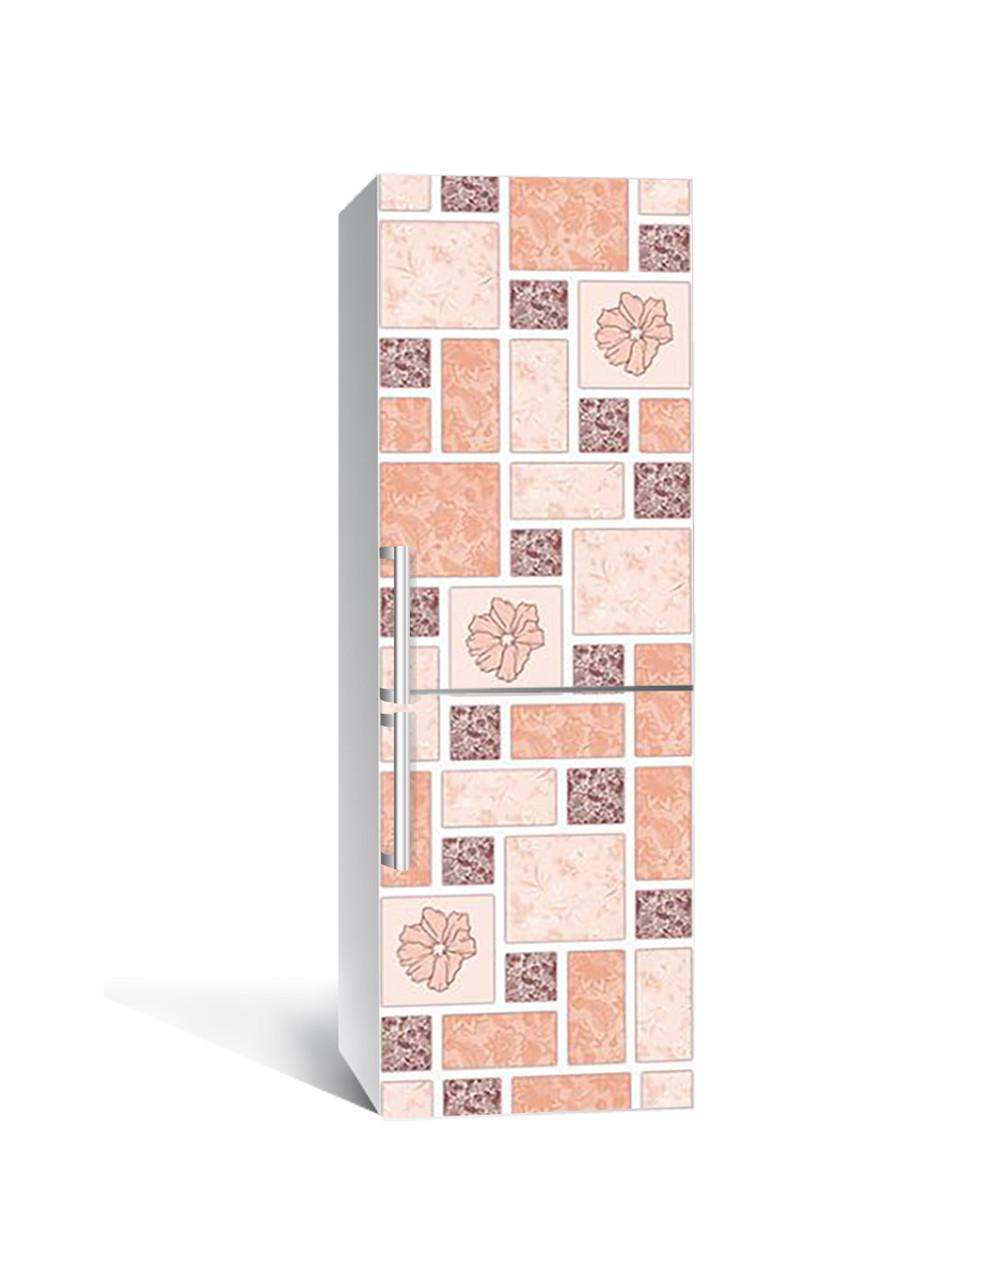 Декор 3Д наклейка на холодильник Печворк Маки Квадрати (плівка ПВХ фотодрук) 65*200см Текстура Рожевий